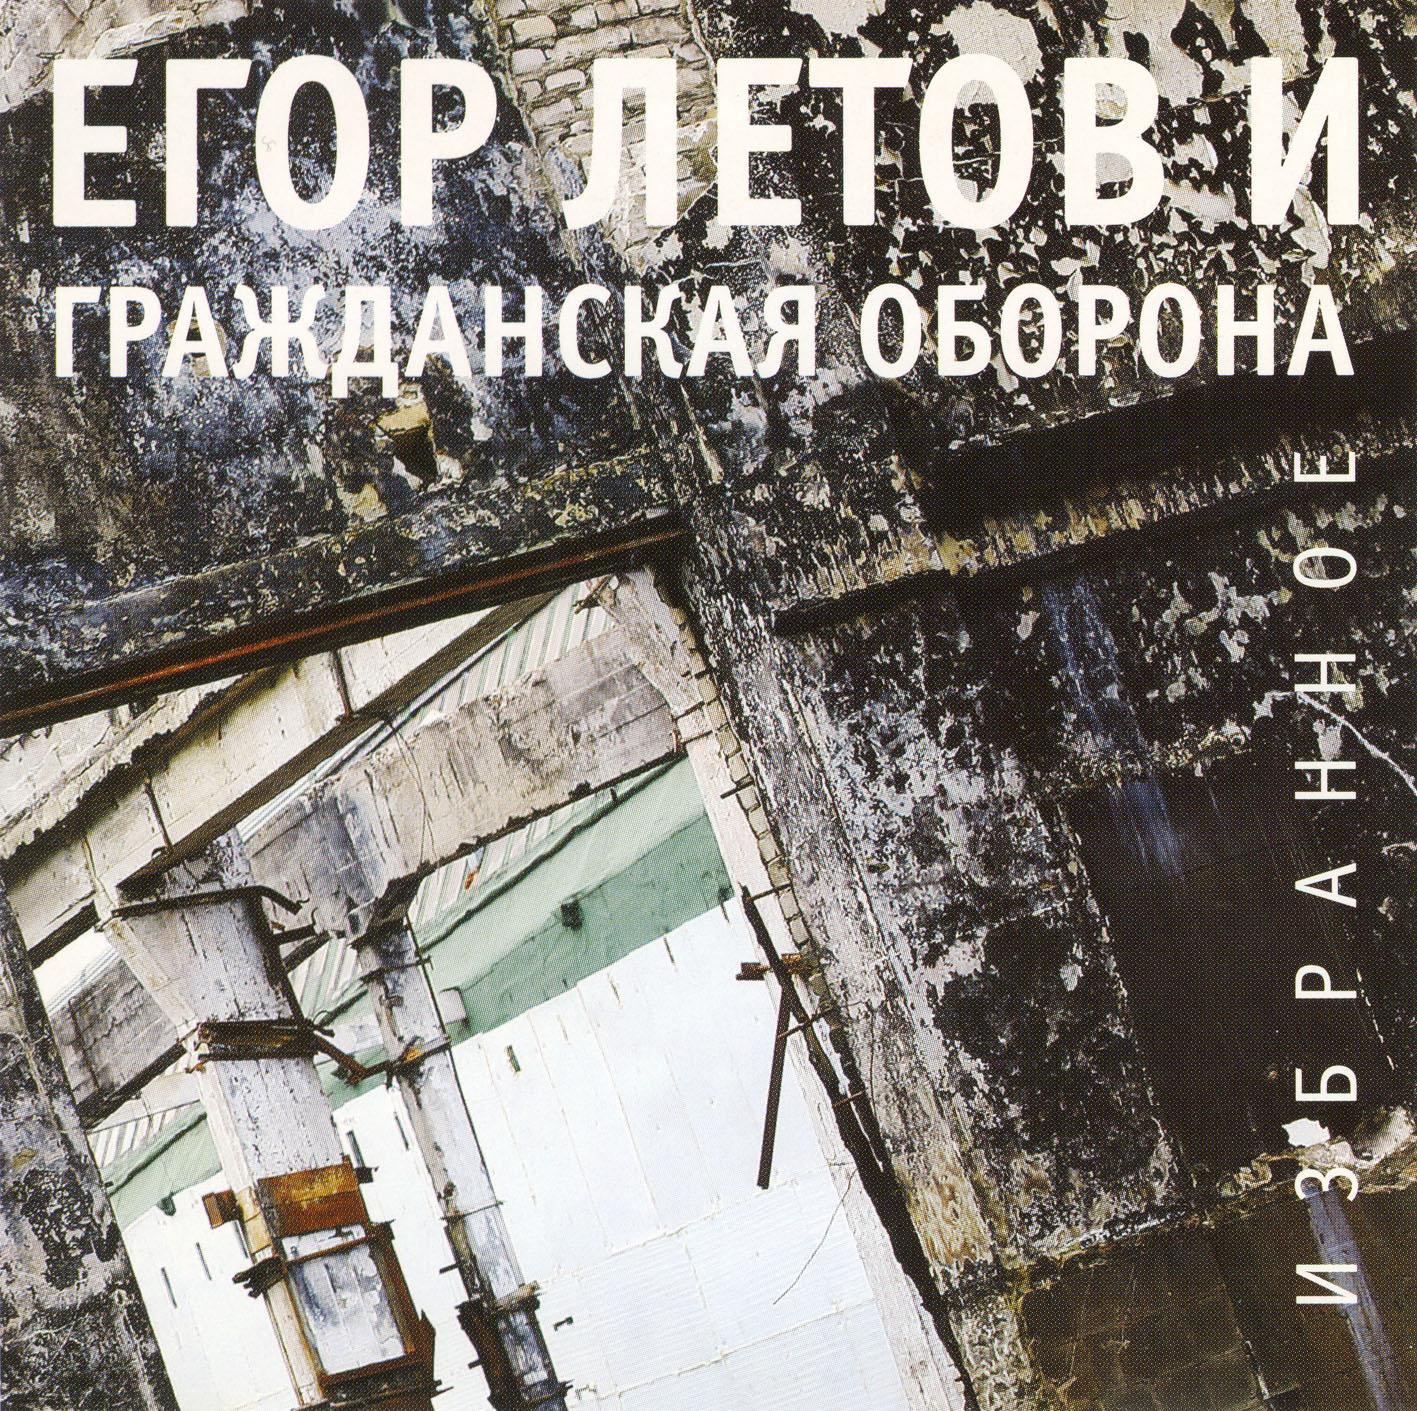 Егор Летов и Гражданская Оборона — Избранное (2006)